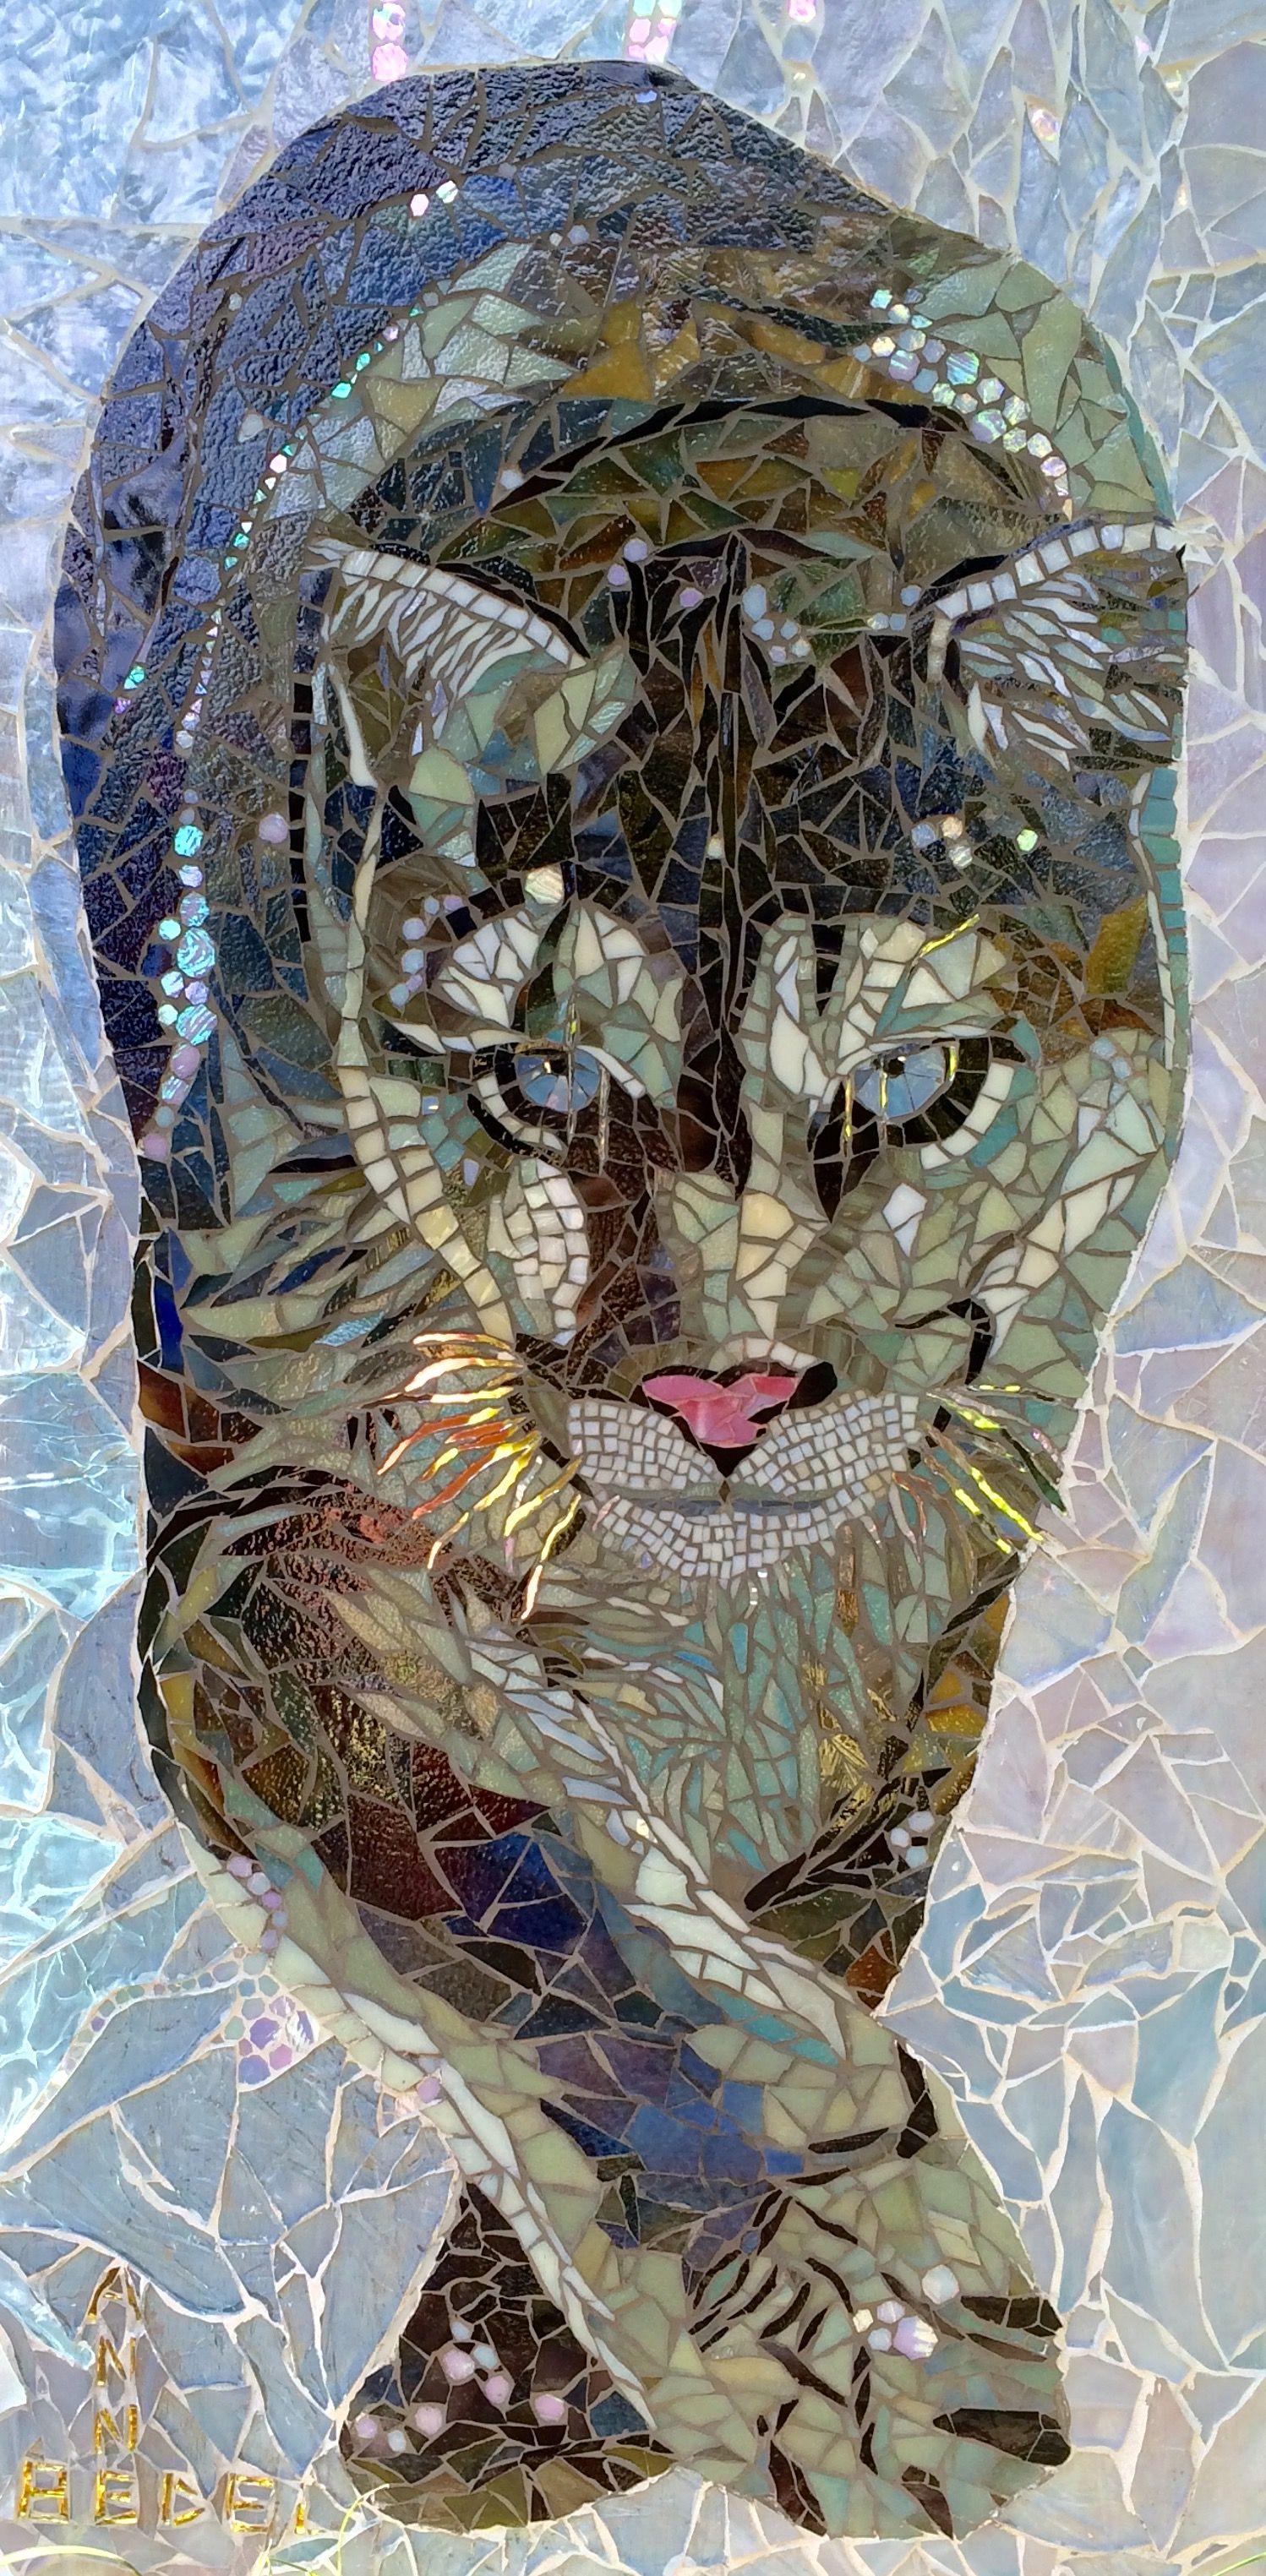 Snow puma mosaic - Anne Bedel | Mosaic | Pinterest | Mosaicos ...